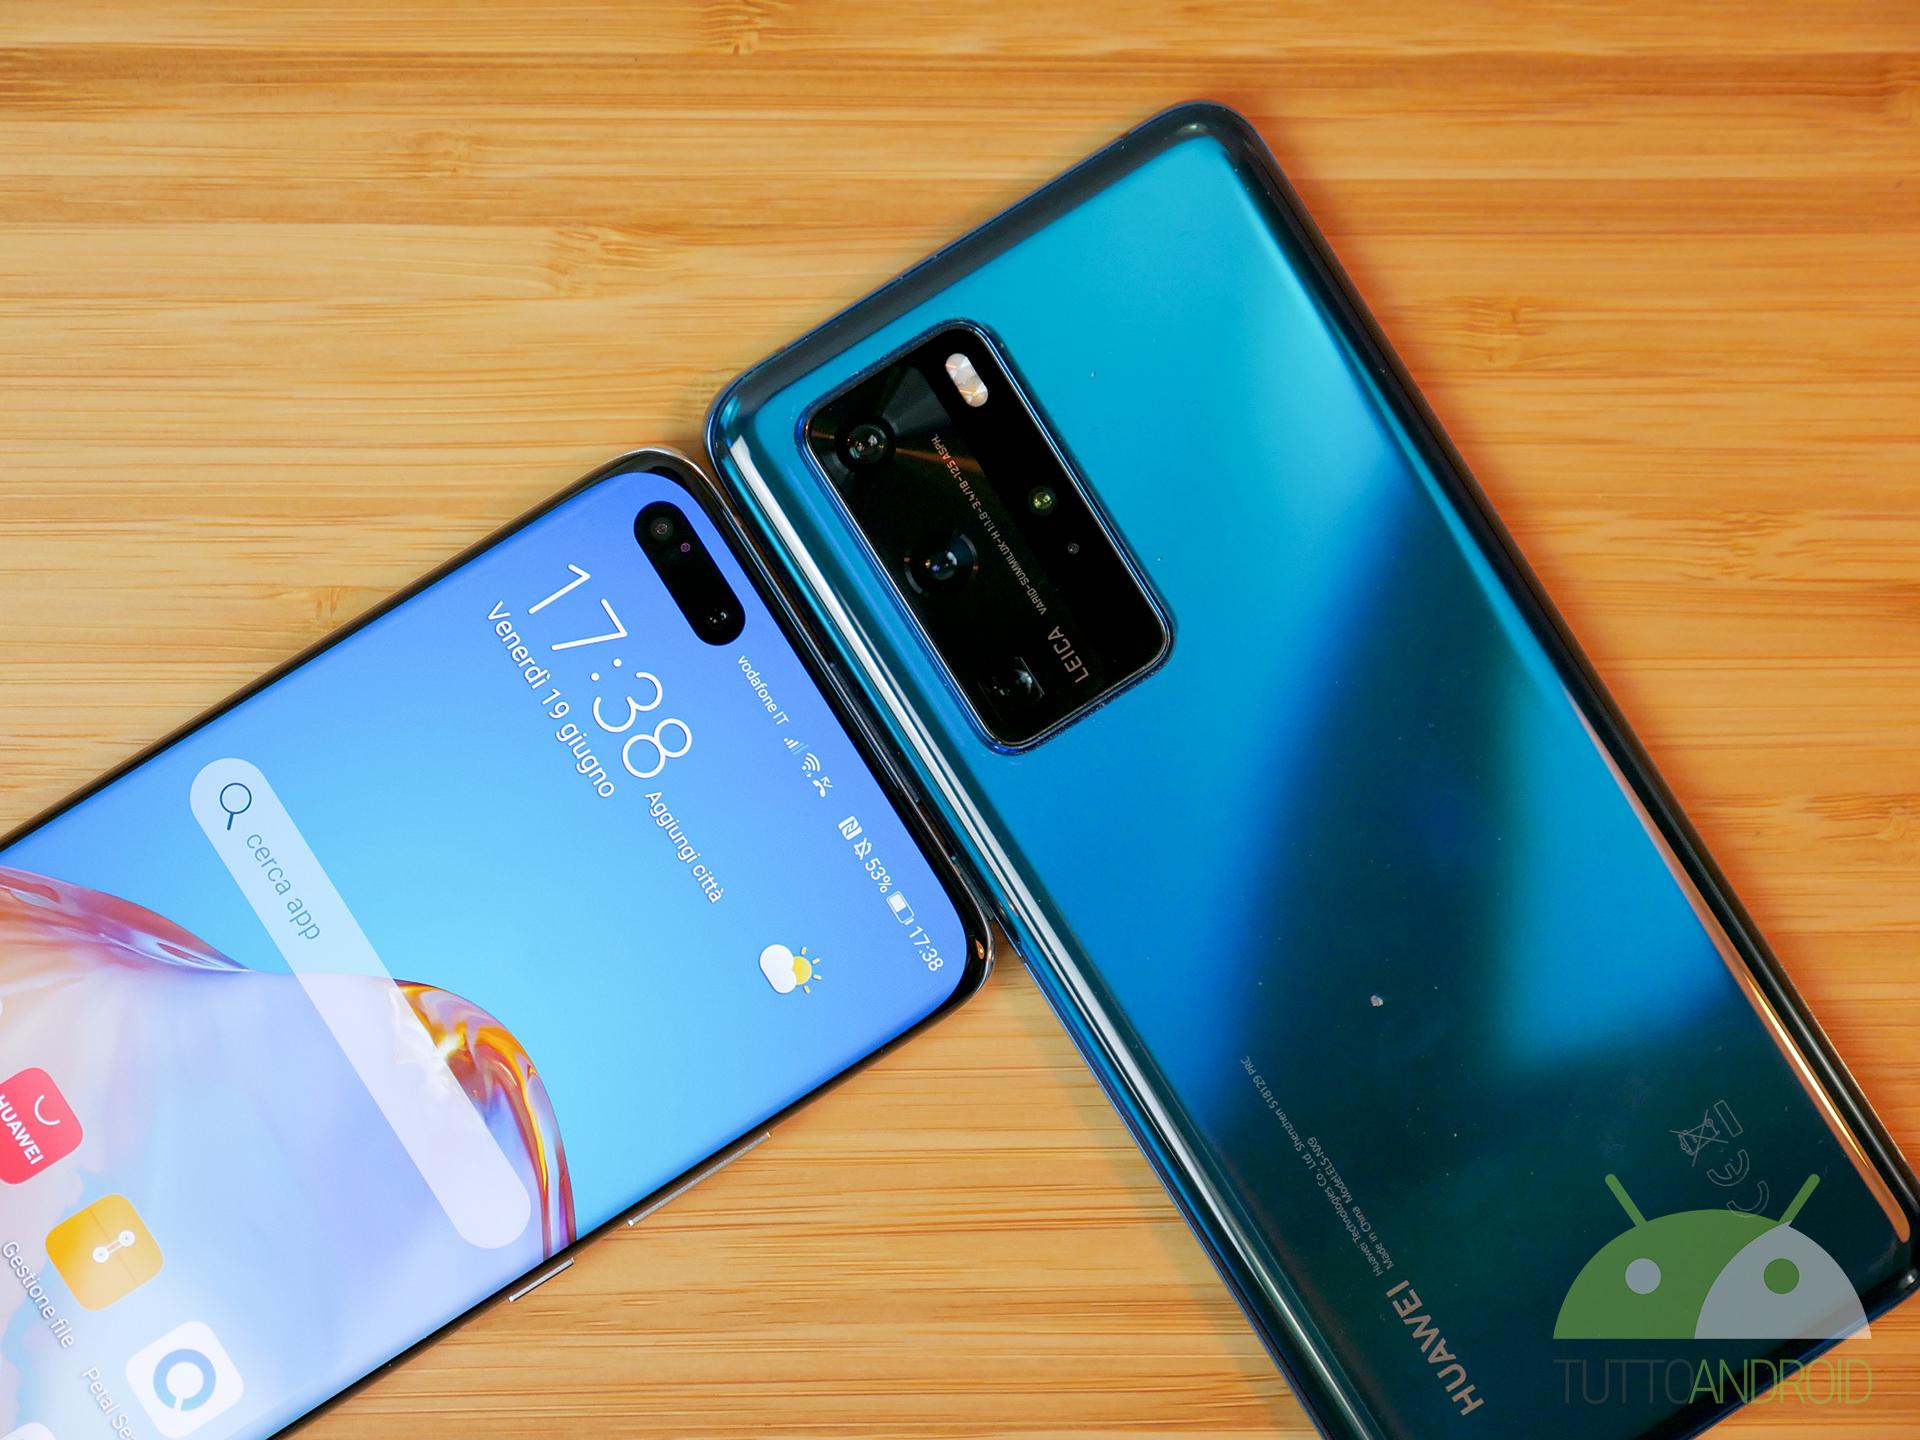 Huawei senza freni e vola al secondo posto dei maggiori produttori di smartphone